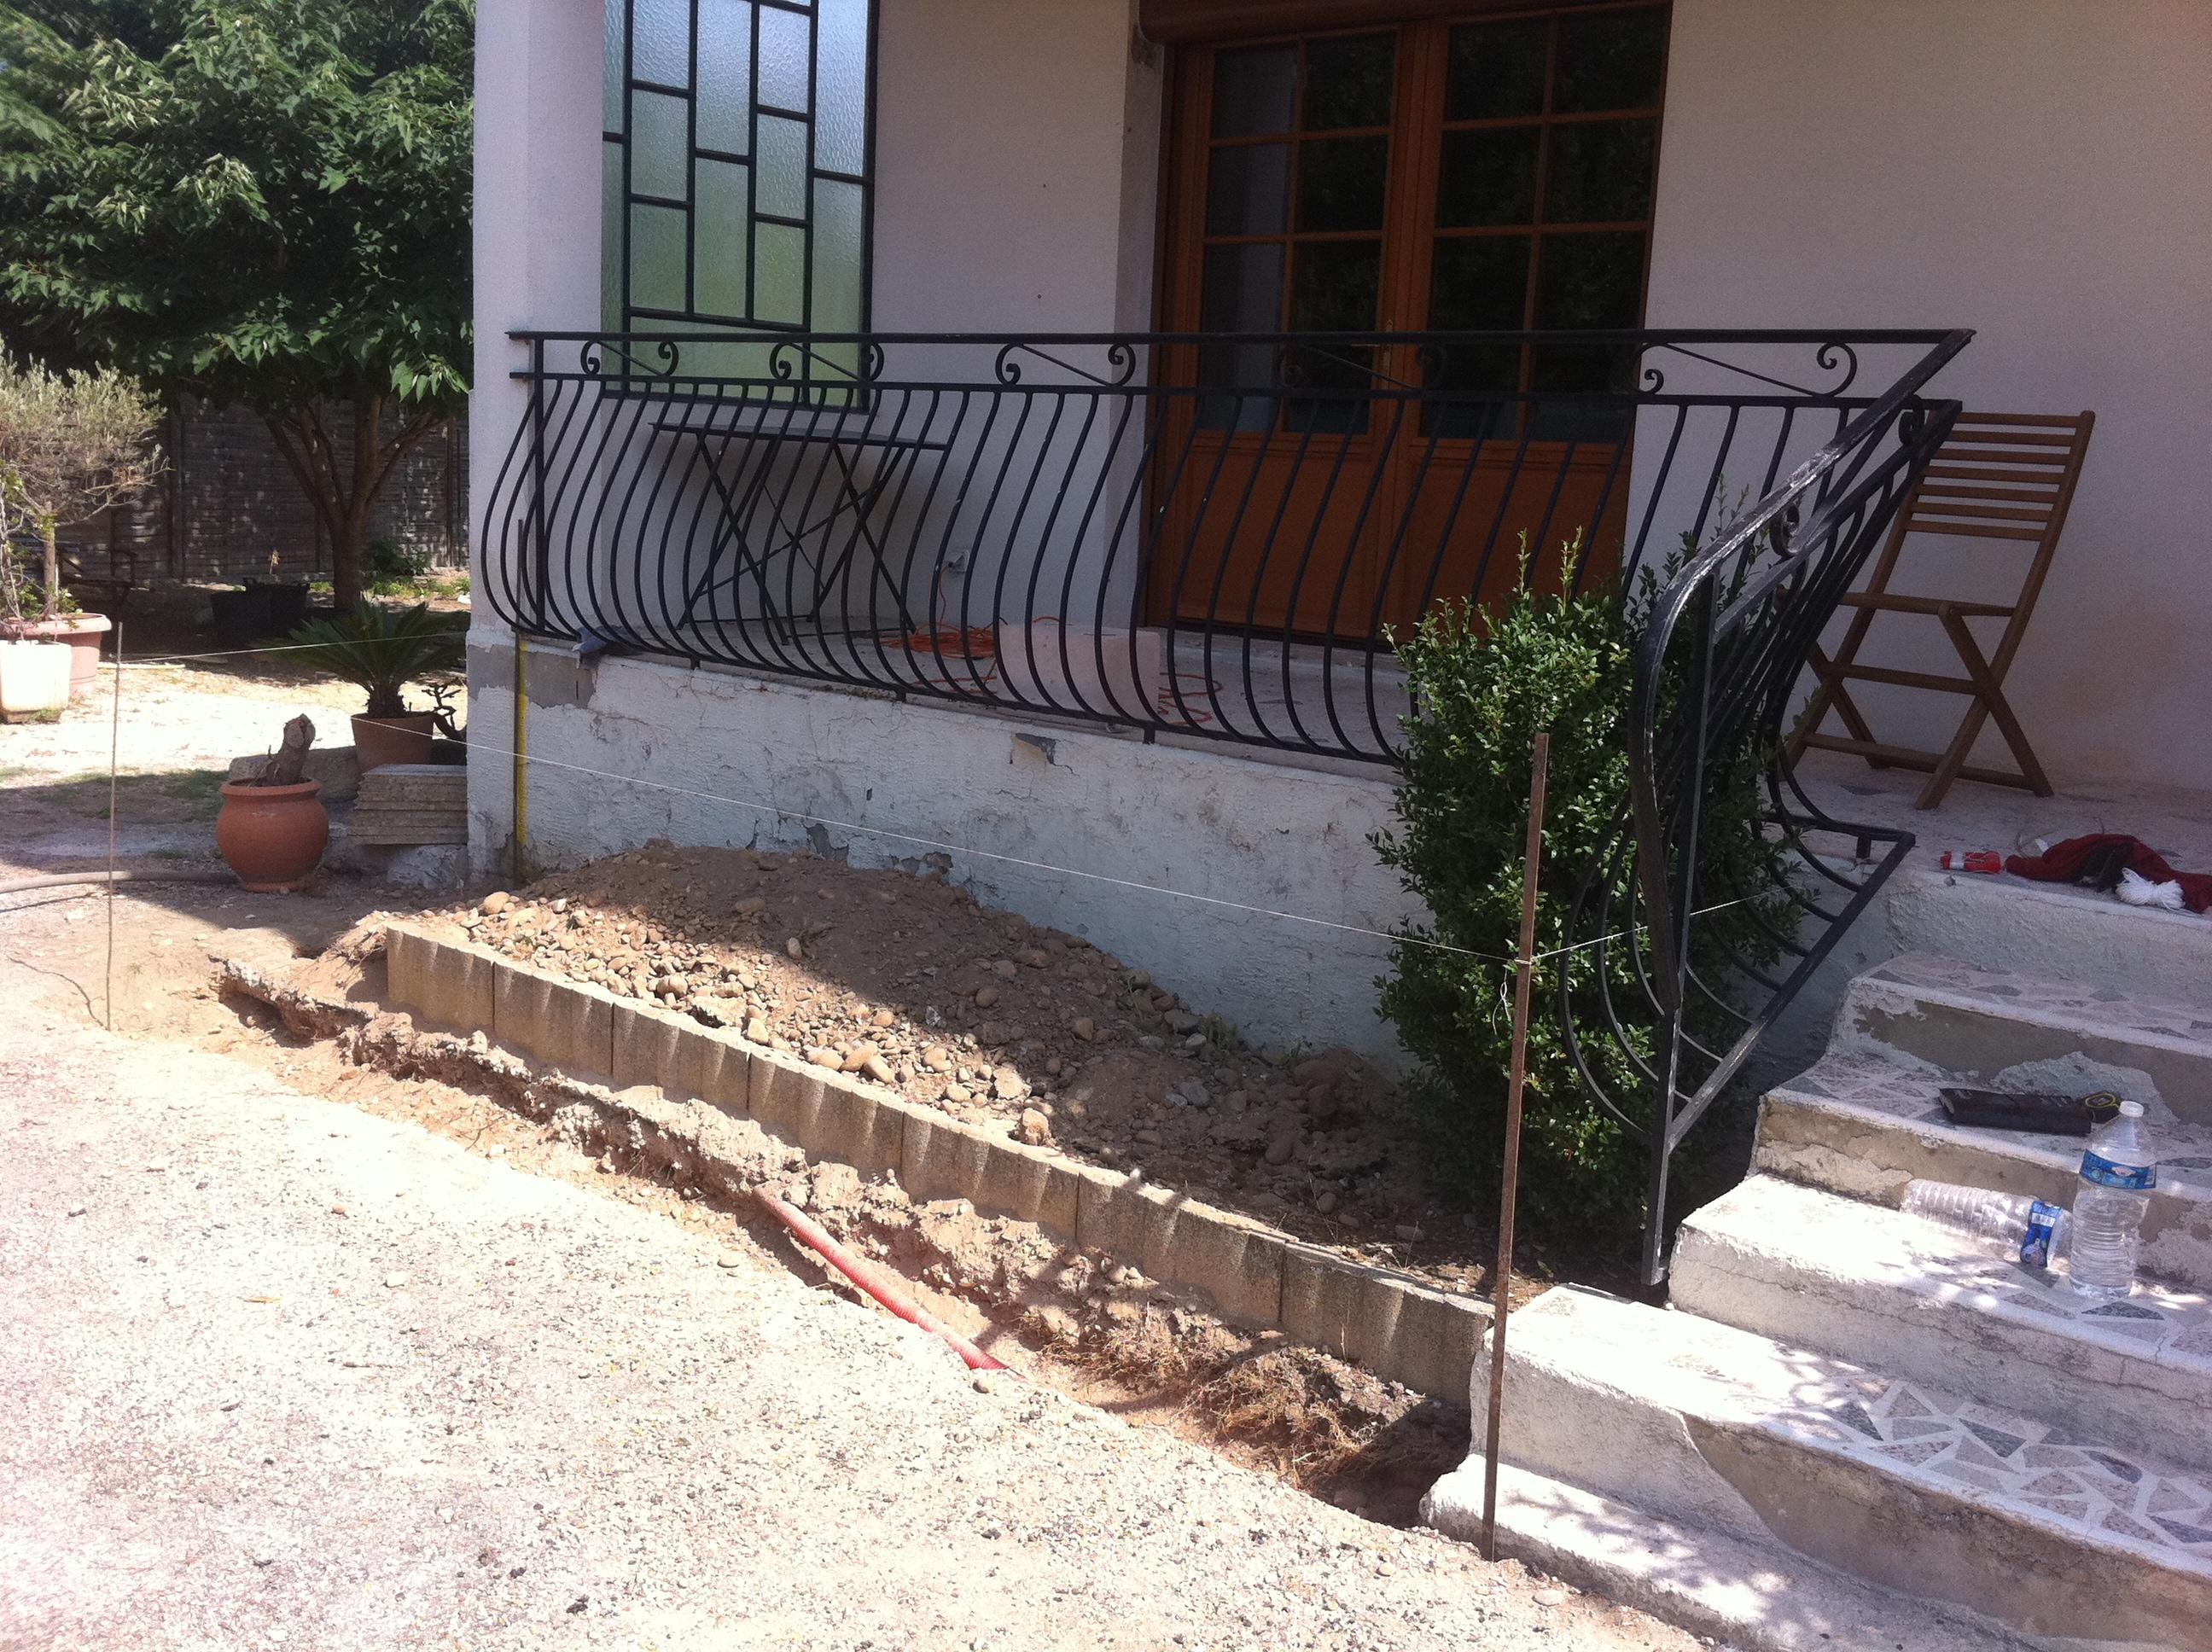 comment faire une terrasse pas cher wx39 humatraffin. Black Bedroom Furniture Sets. Home Design Ideas